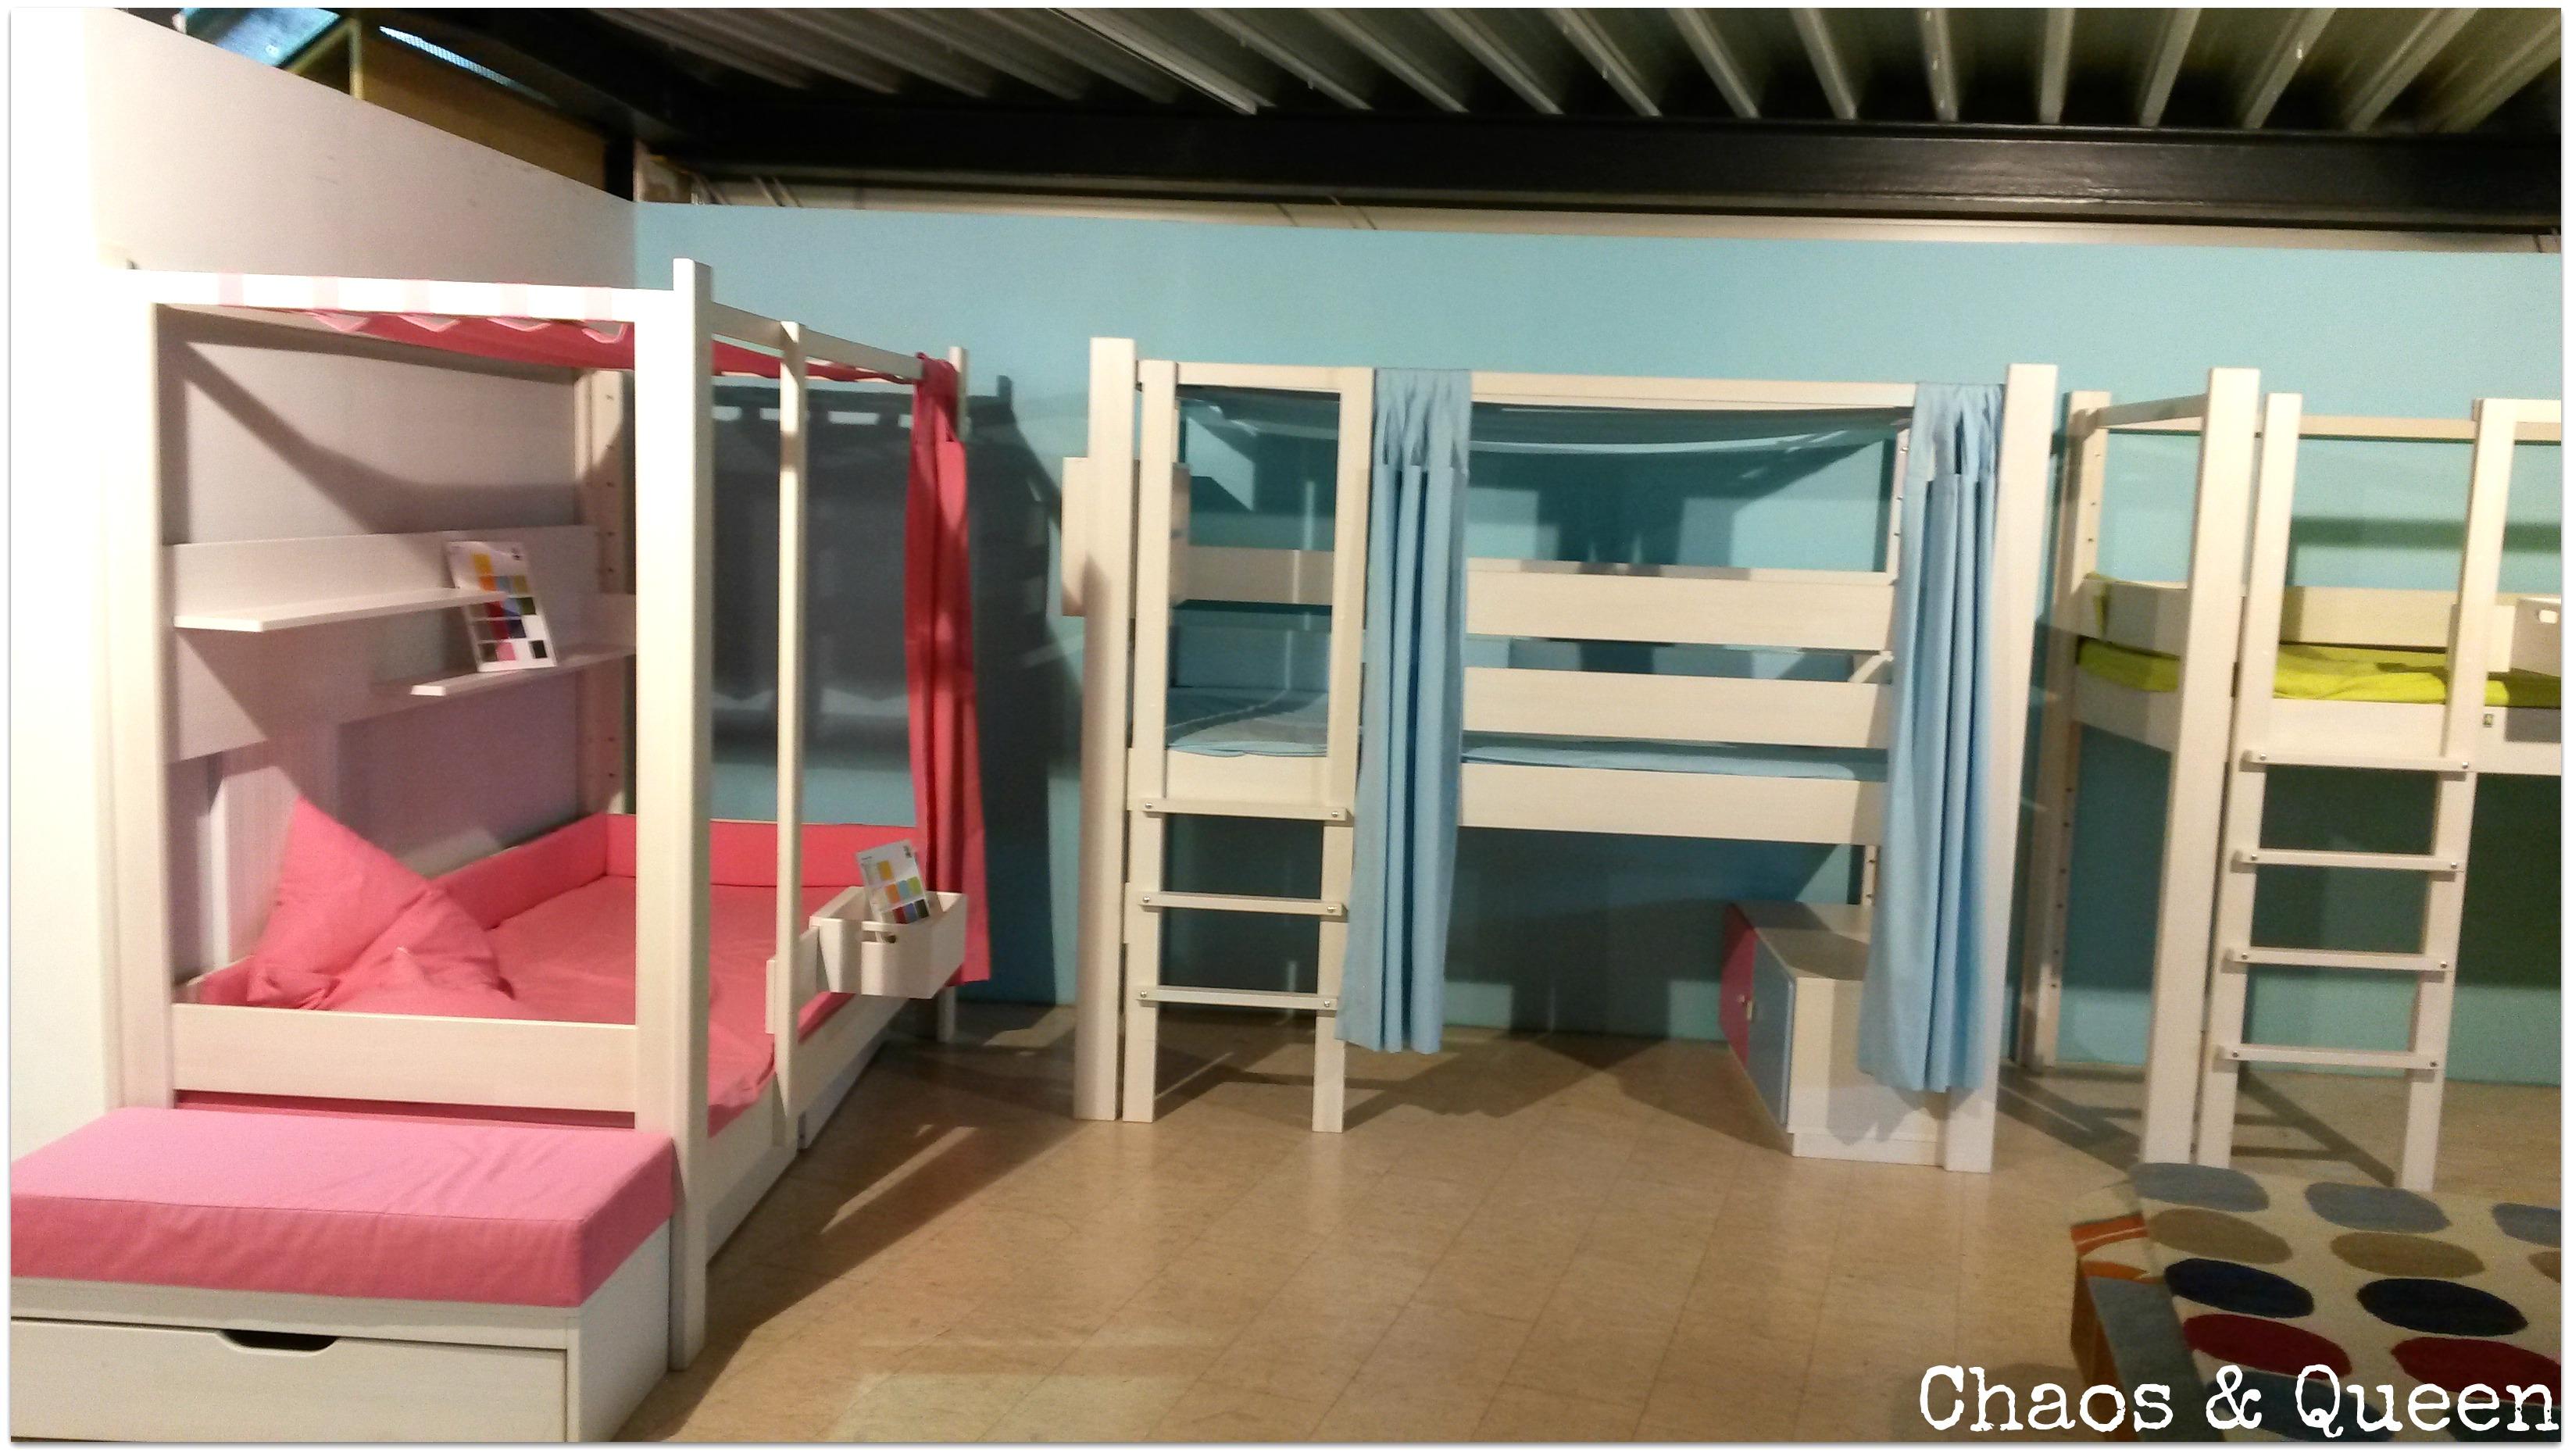 mein erstes mal ein bloggertreffen chaos queen. Black Bedroom Furniture Sets. Home Design Ideas